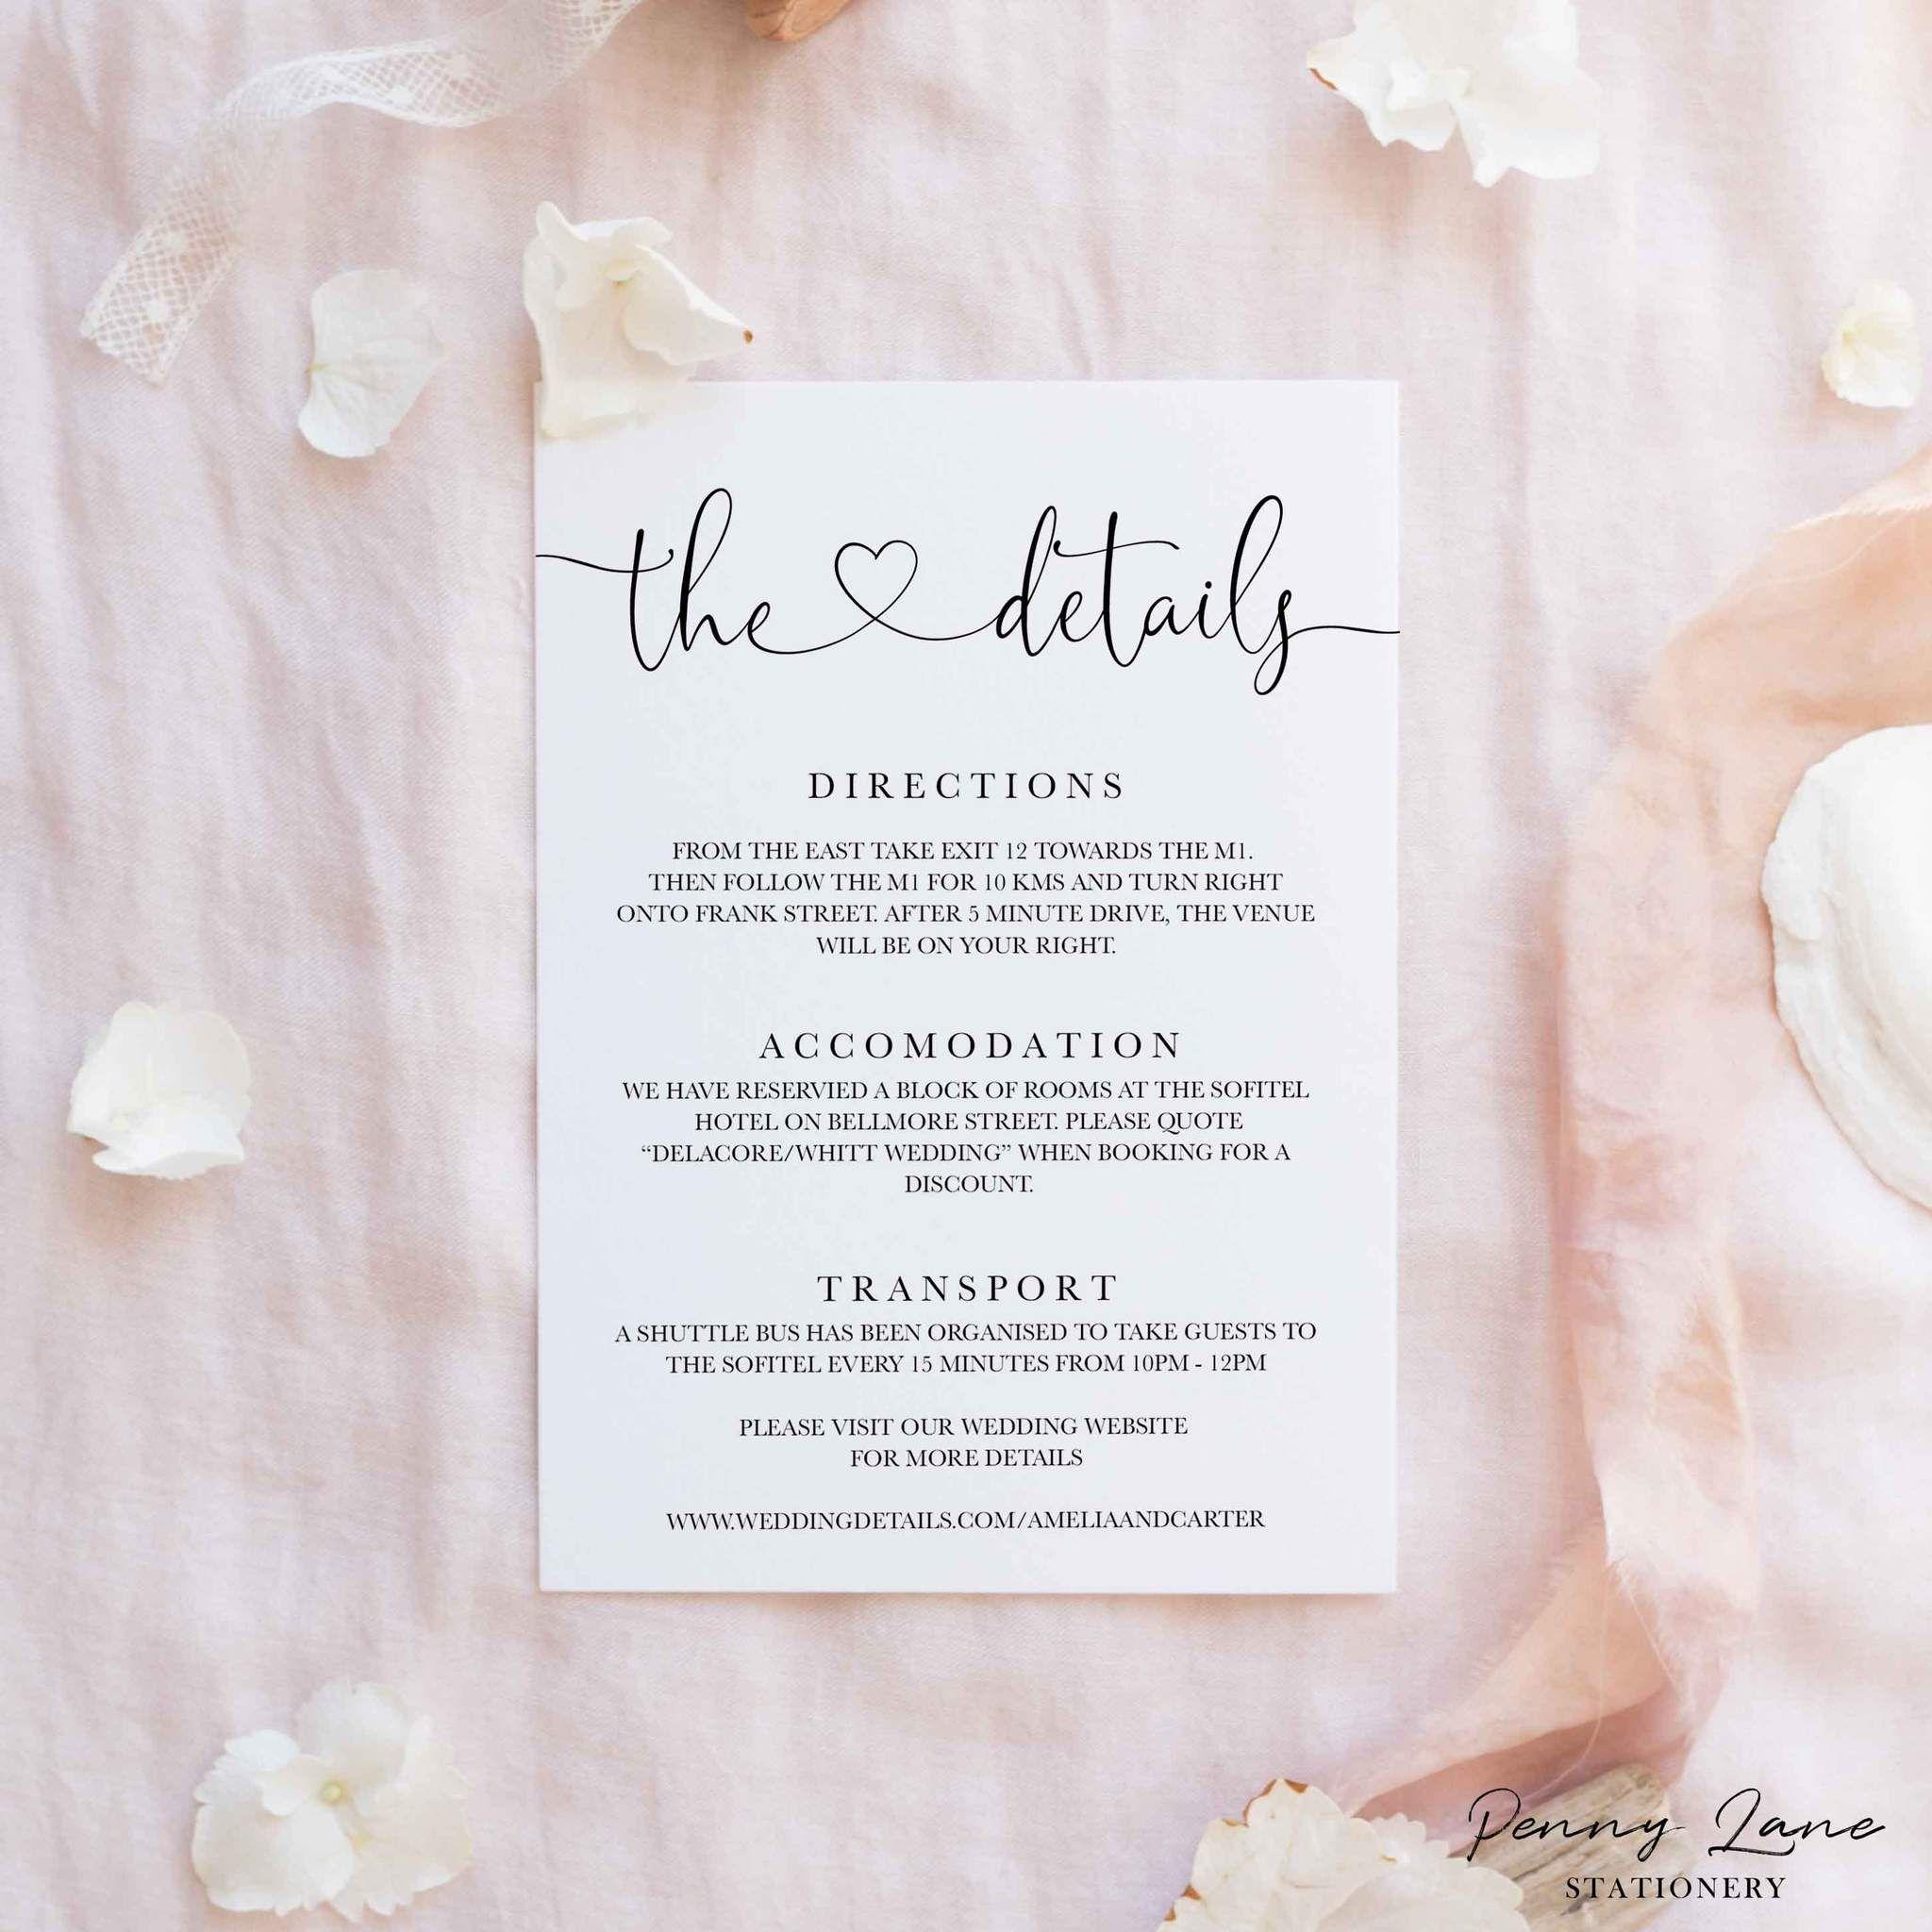 Sophia Minimalist Invitation Suite Details Information Card Minimalist Invitation Wedding Invitation Inserts Wedding Invitation Packages